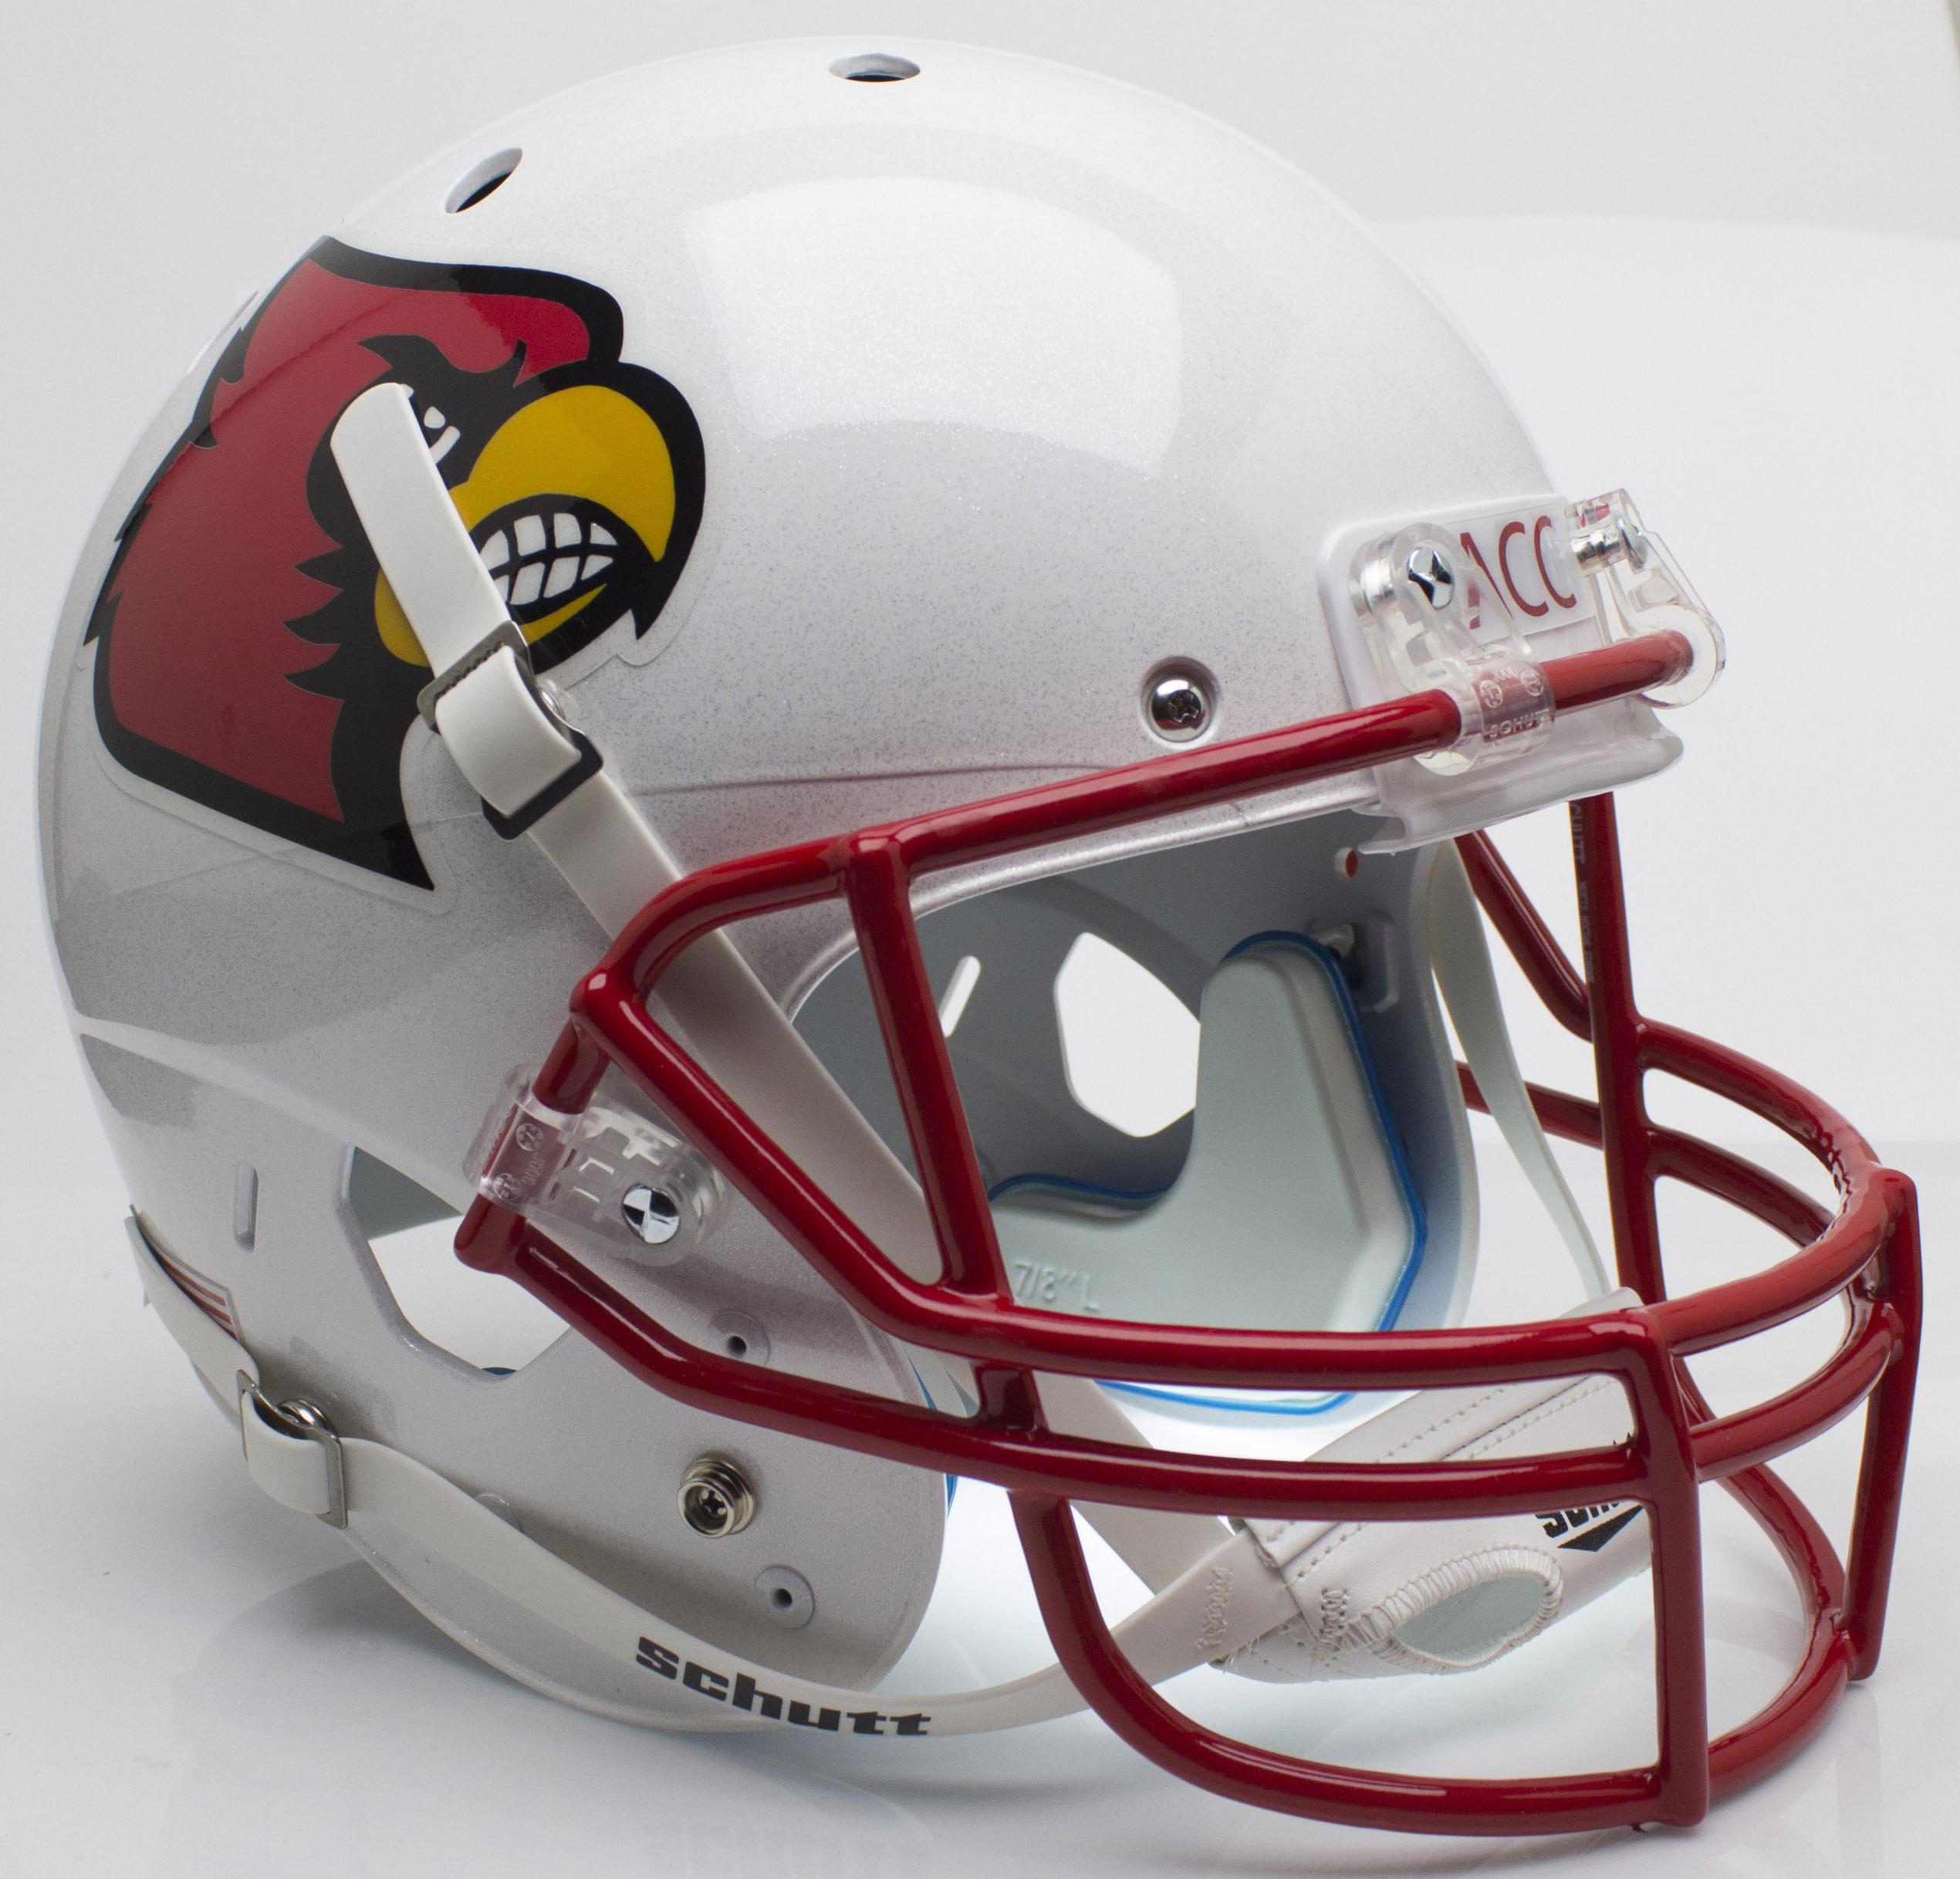 Louisville Cardinals Full XP Replica Football Helmet Schutt <B>Red Mask</B>